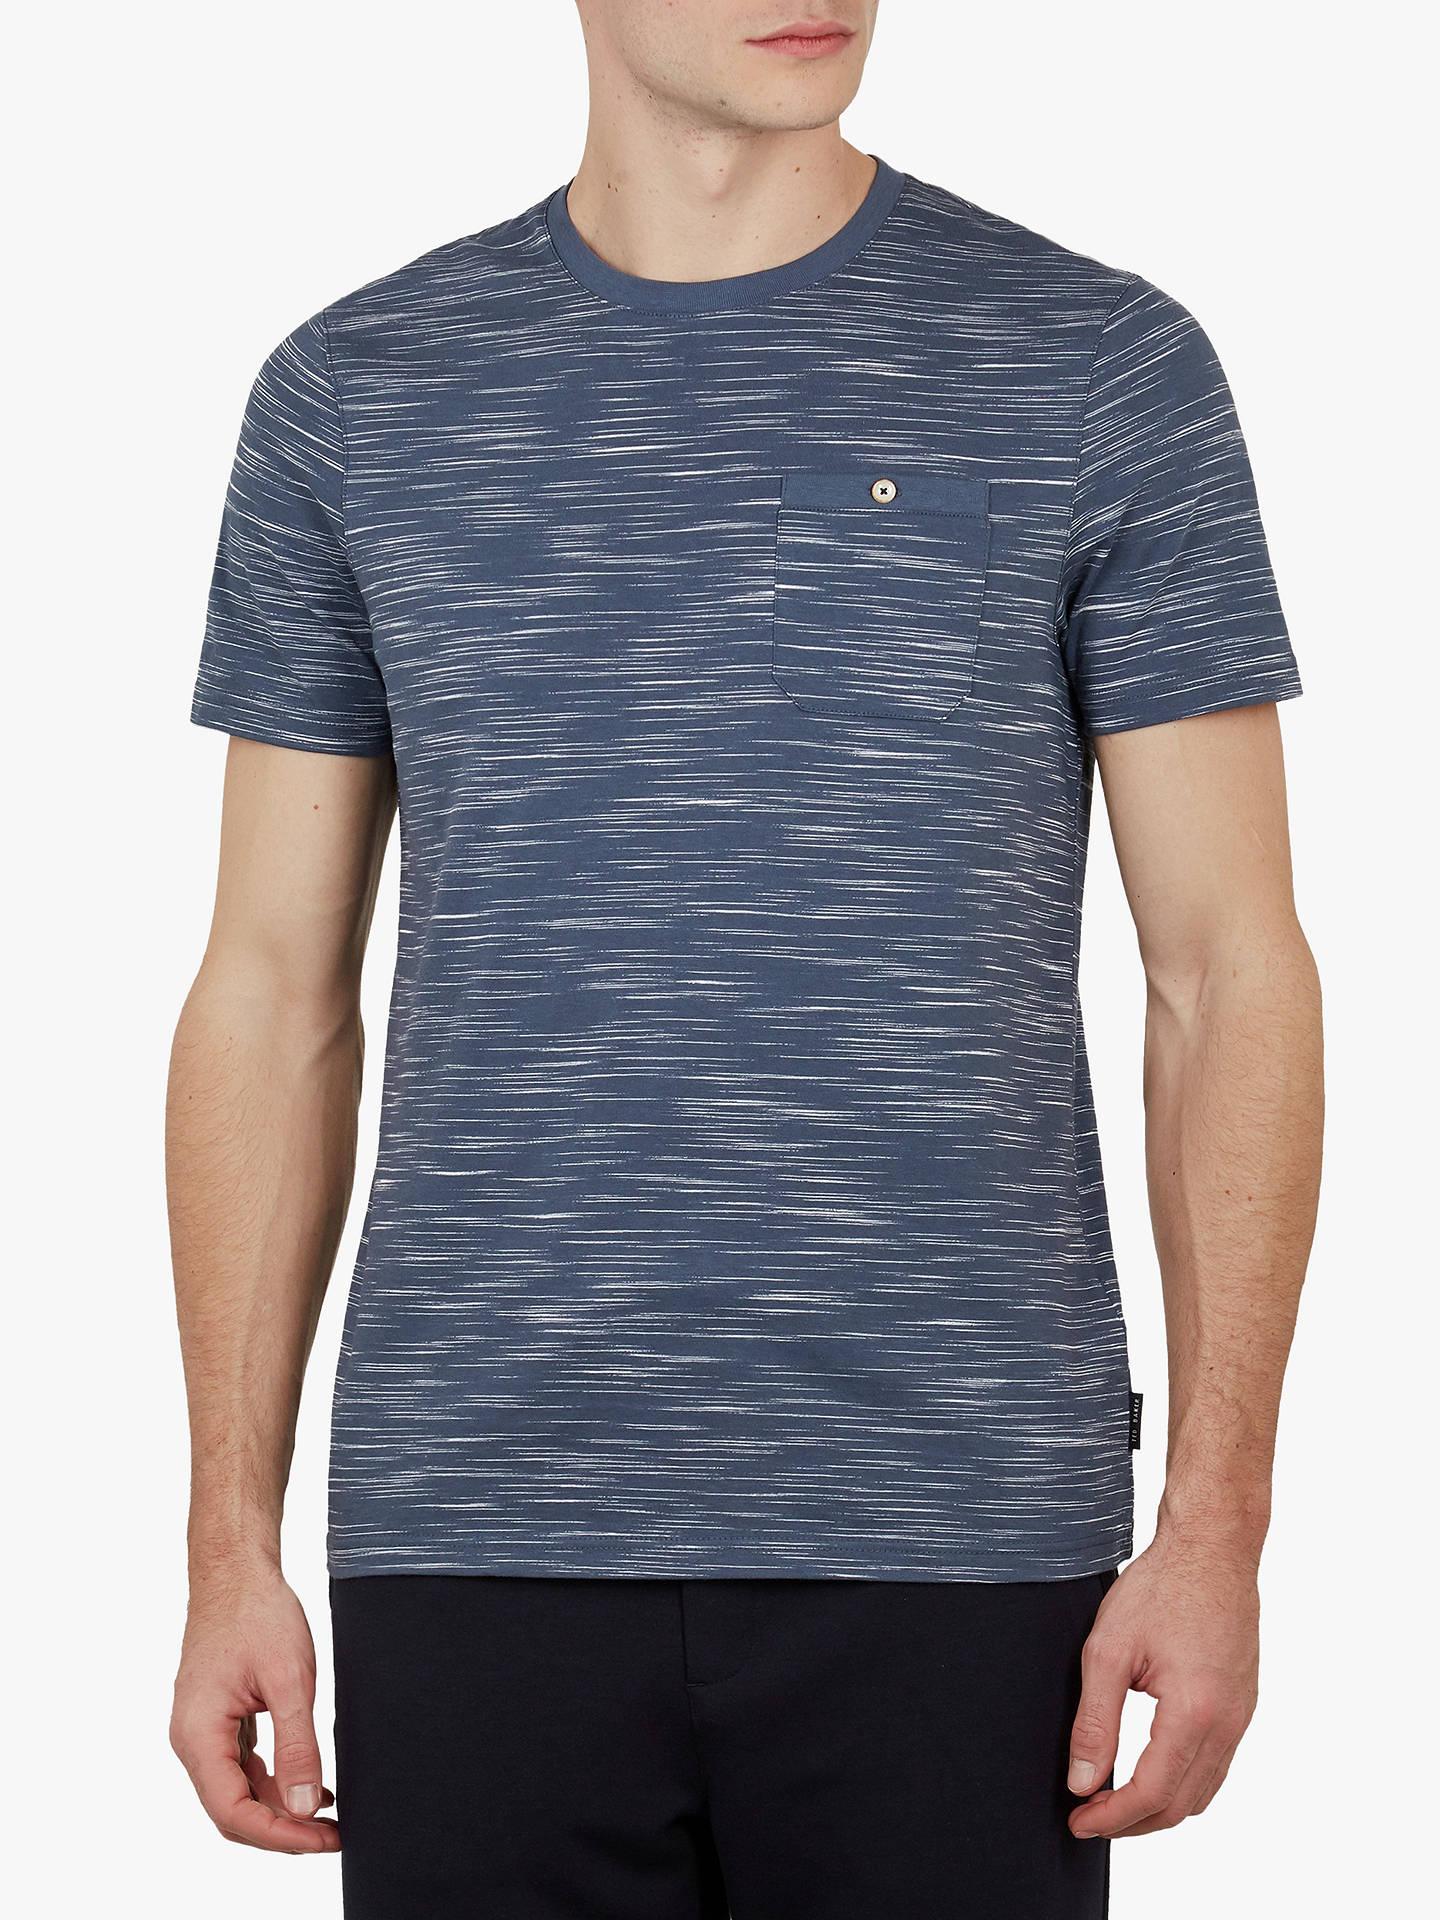 489e9f215 Ted Baker Skales Slub Cotton T-Shirt at John Lewis   Partners